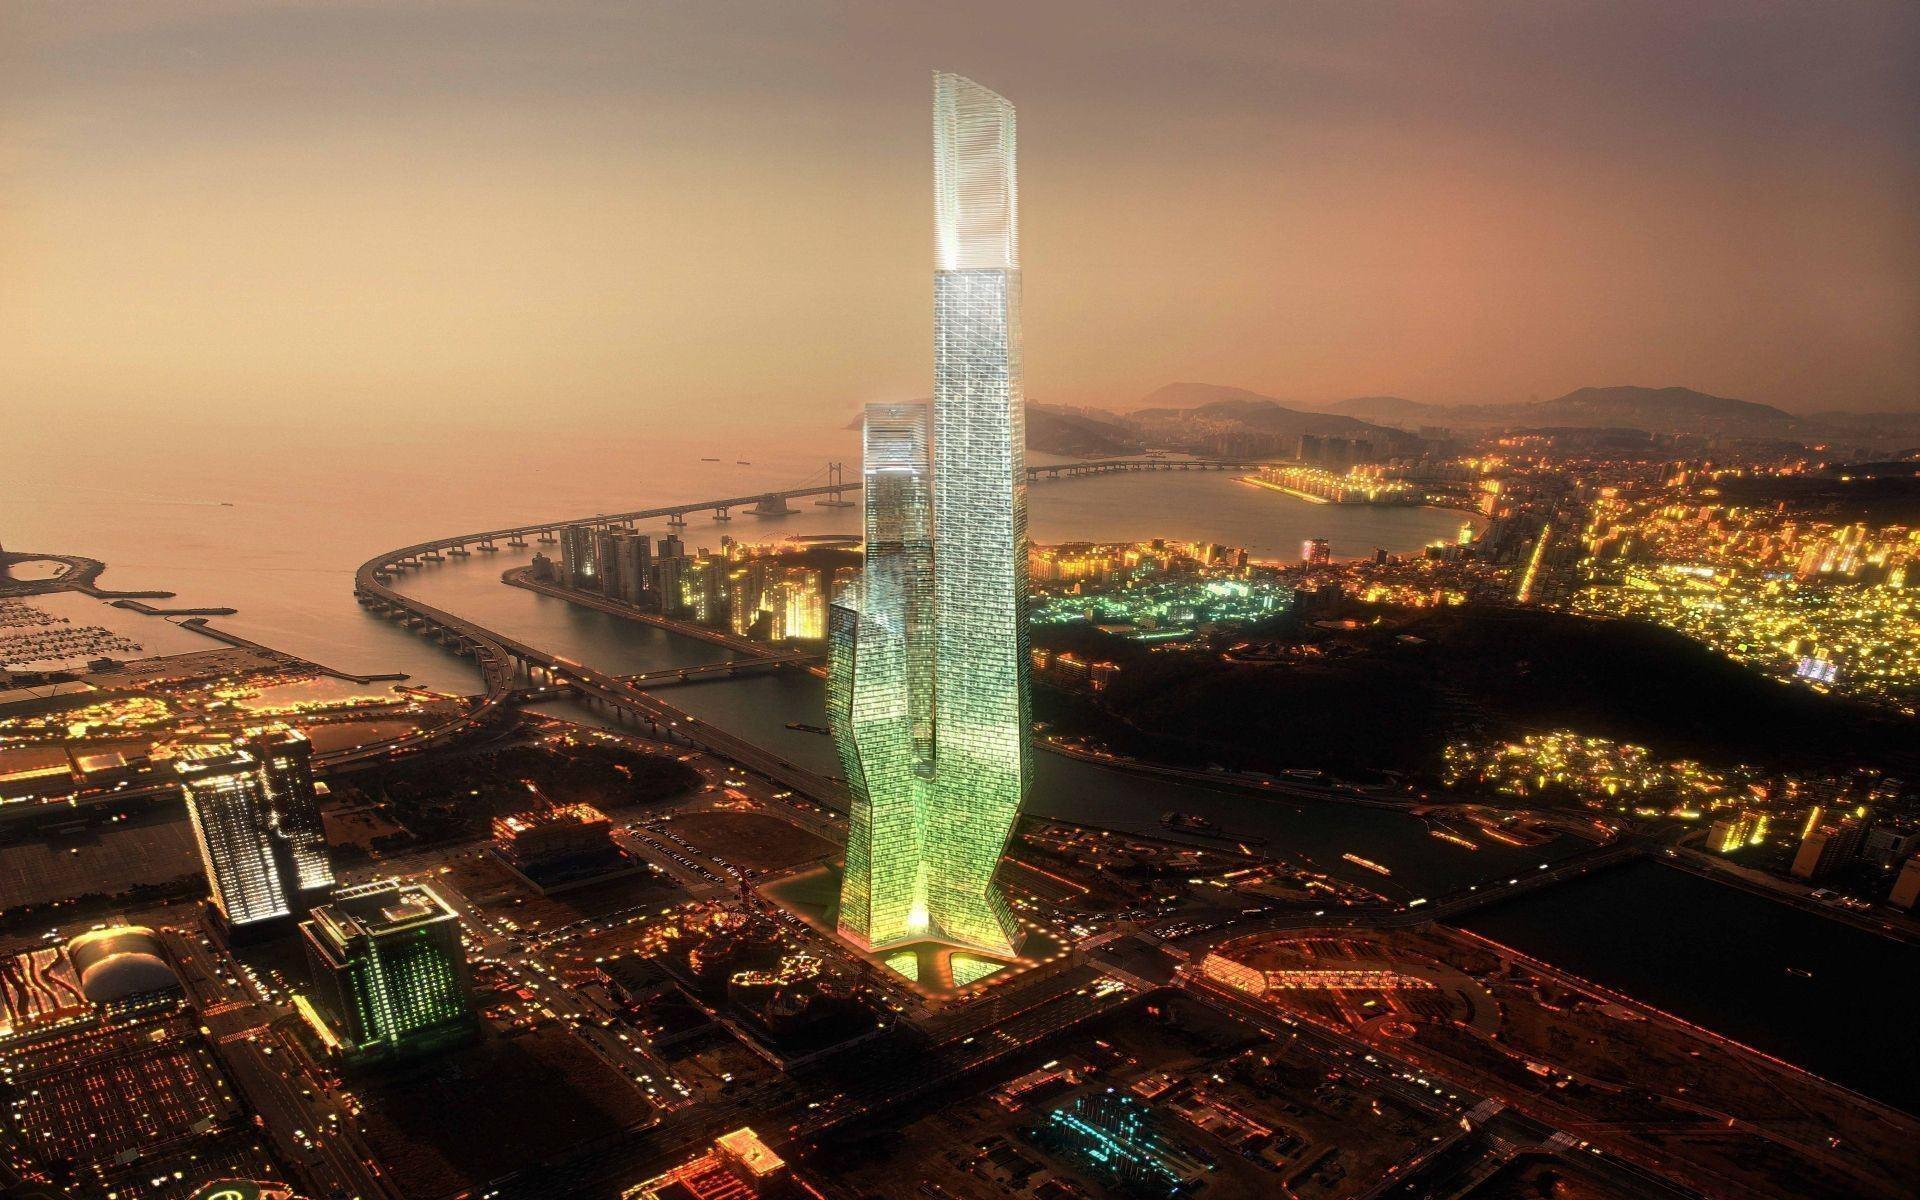 韓國十大城市排名:韩国最大的城市首尔釜山第二